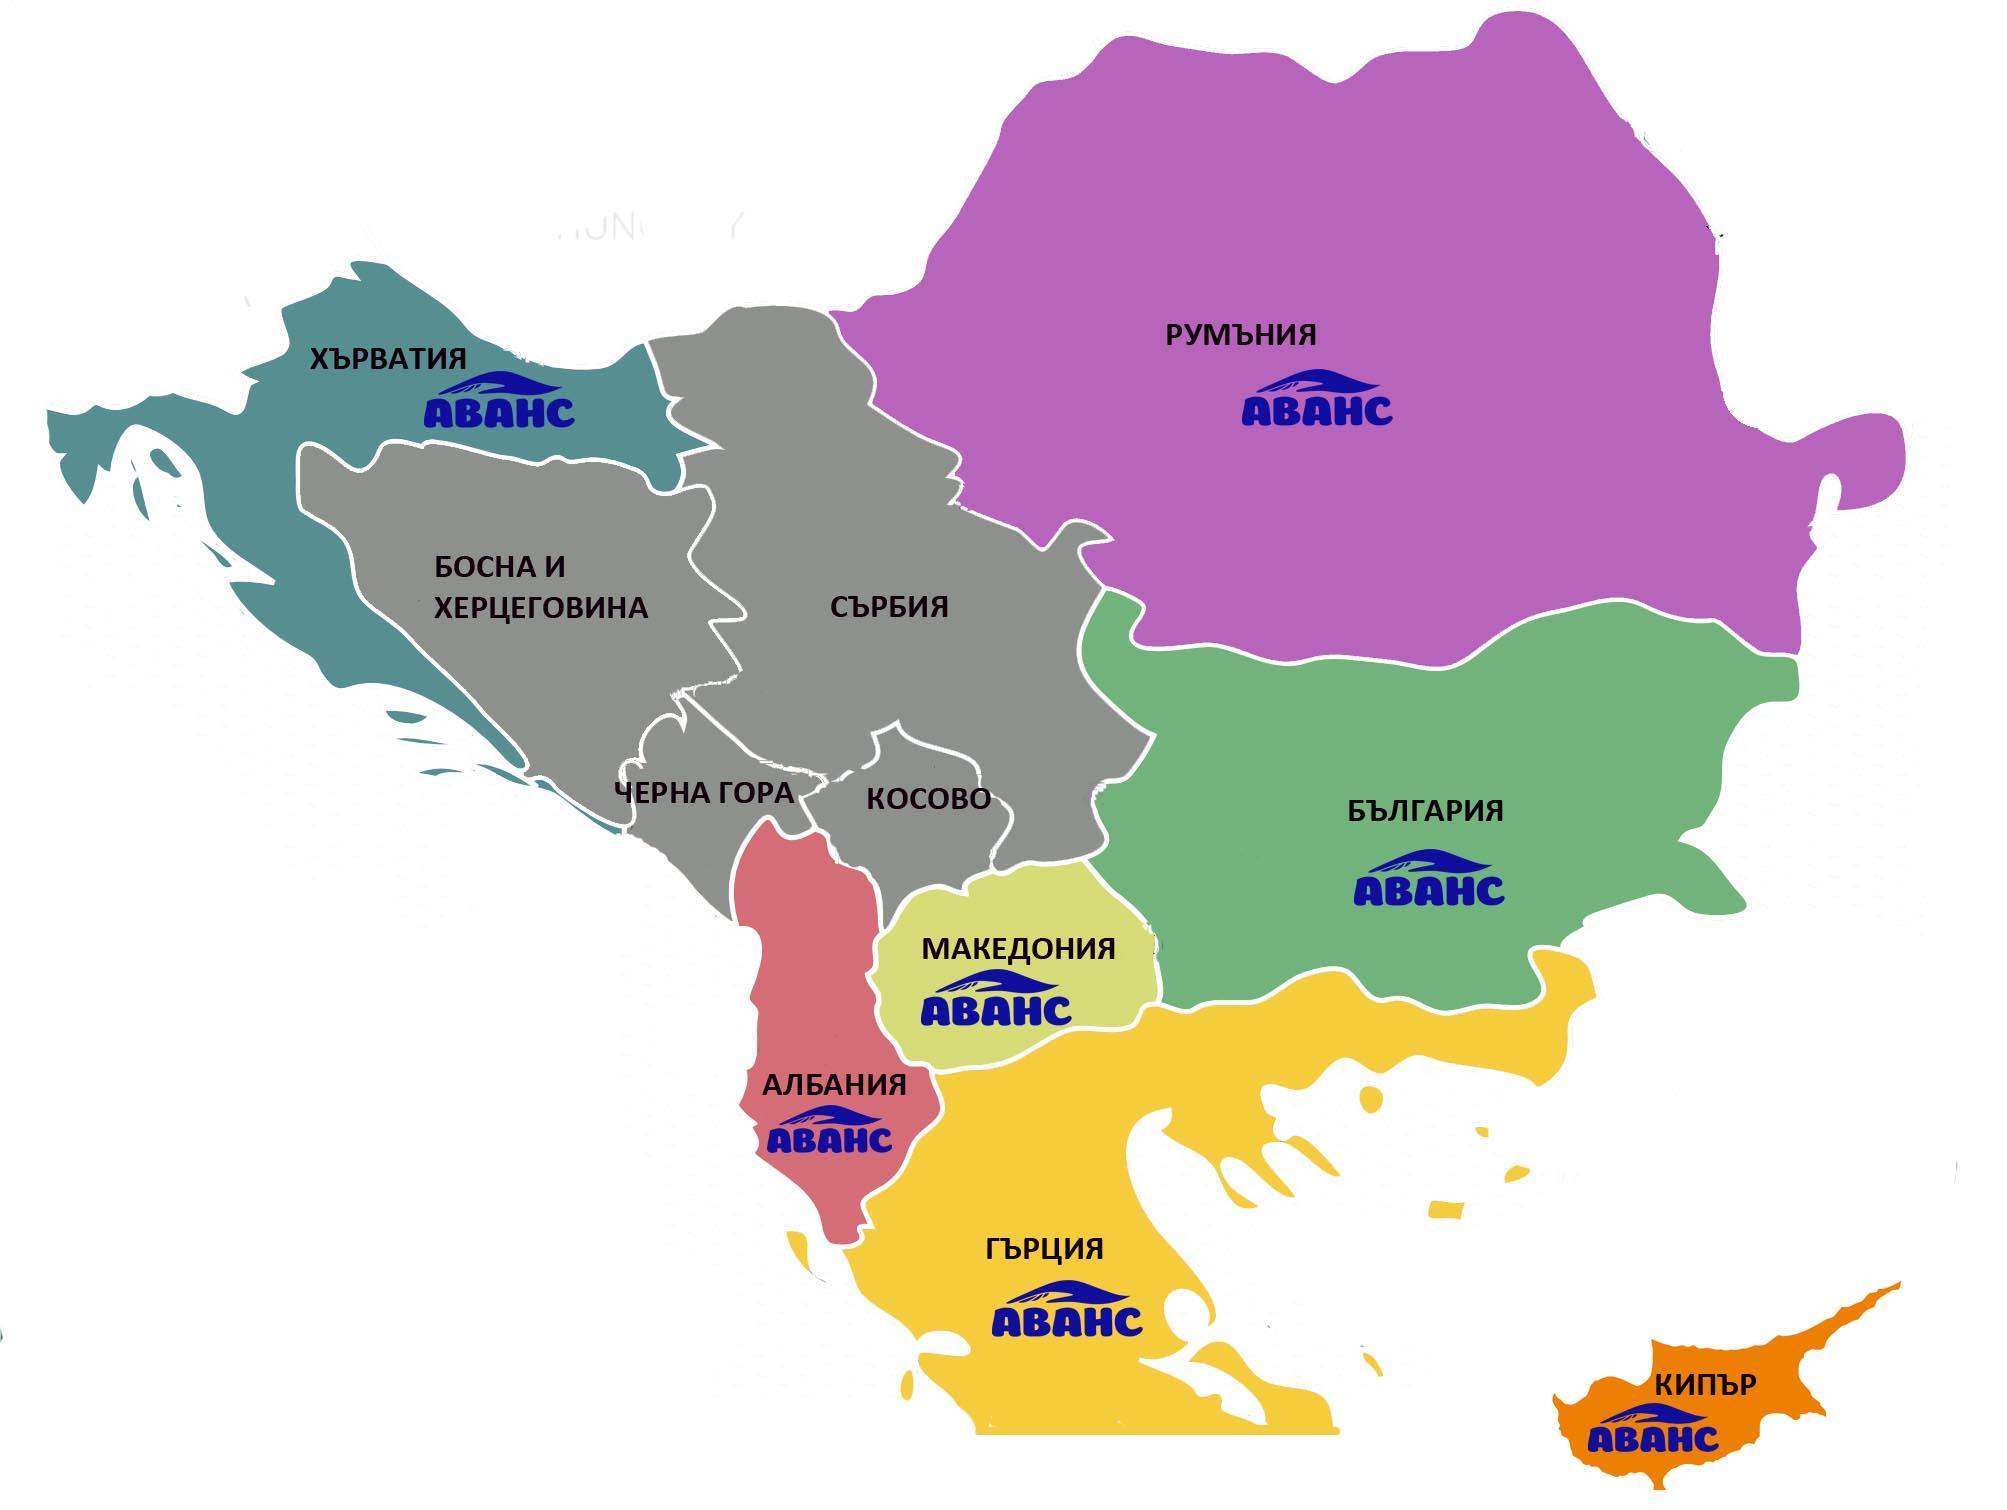 Balkans Map Av BG